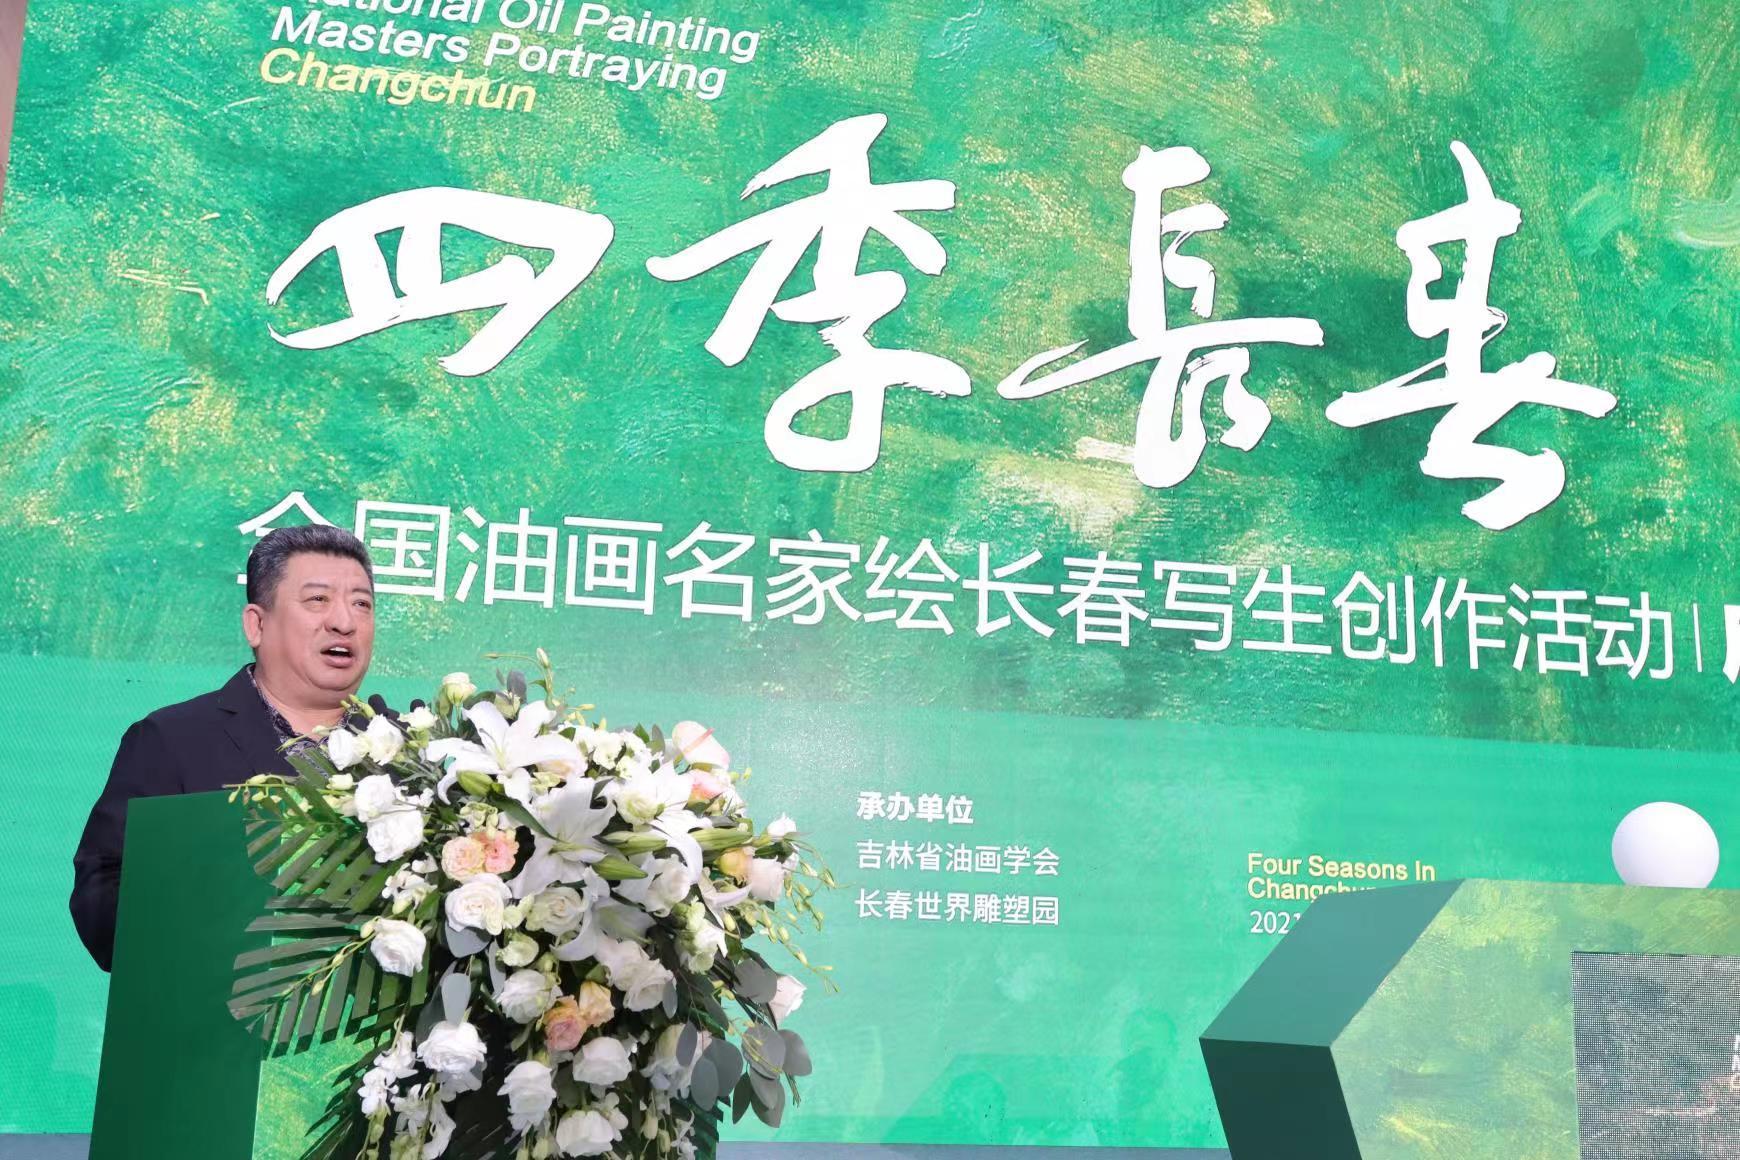 吉林艺术学院油画研究院院长、中国美术家协会油画艺委会委员王建国致辞